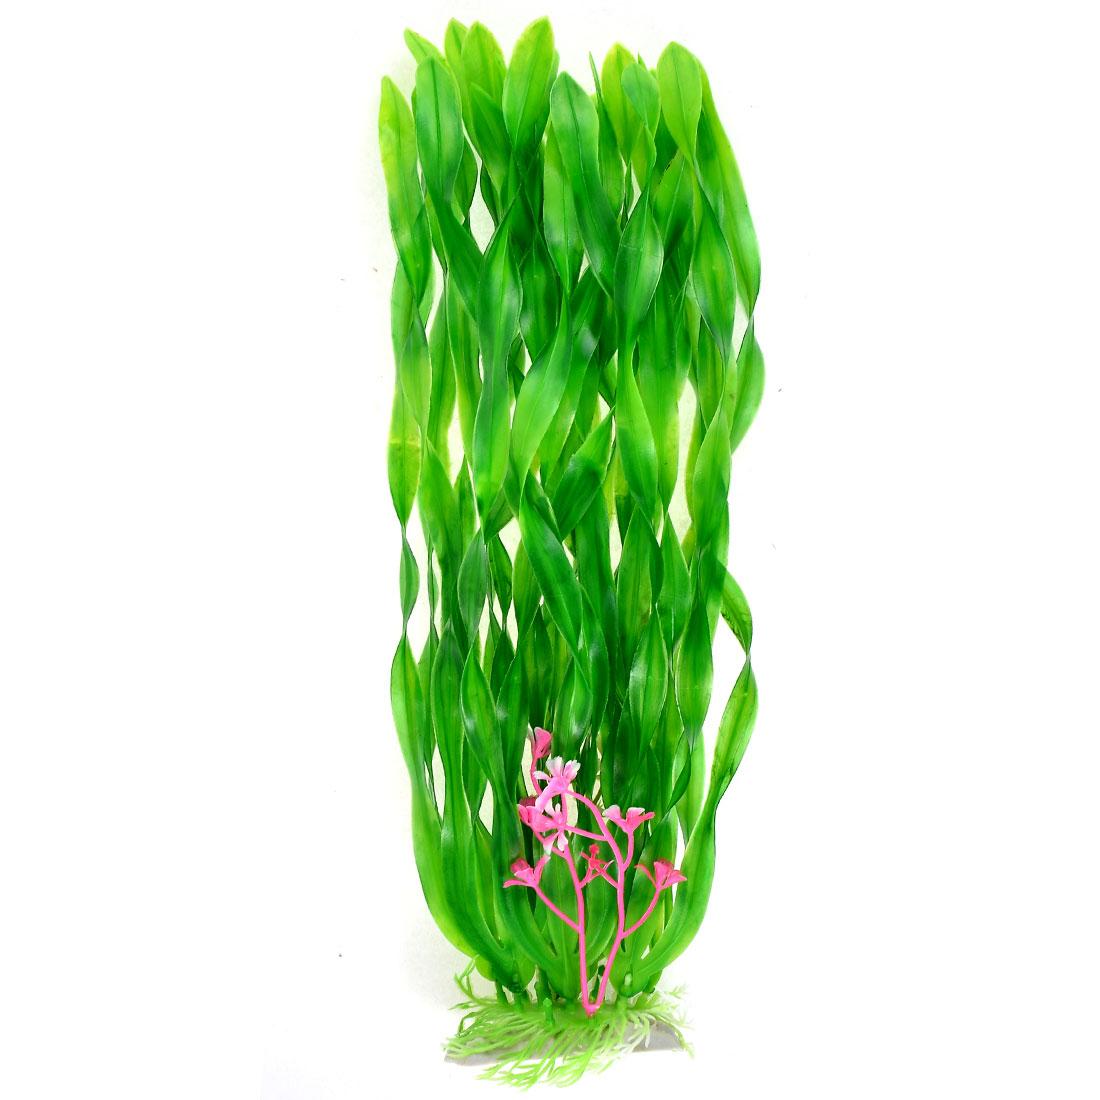 Aquarium Fish Bowl Plastic Artificial Plant Ornament Adornment Green